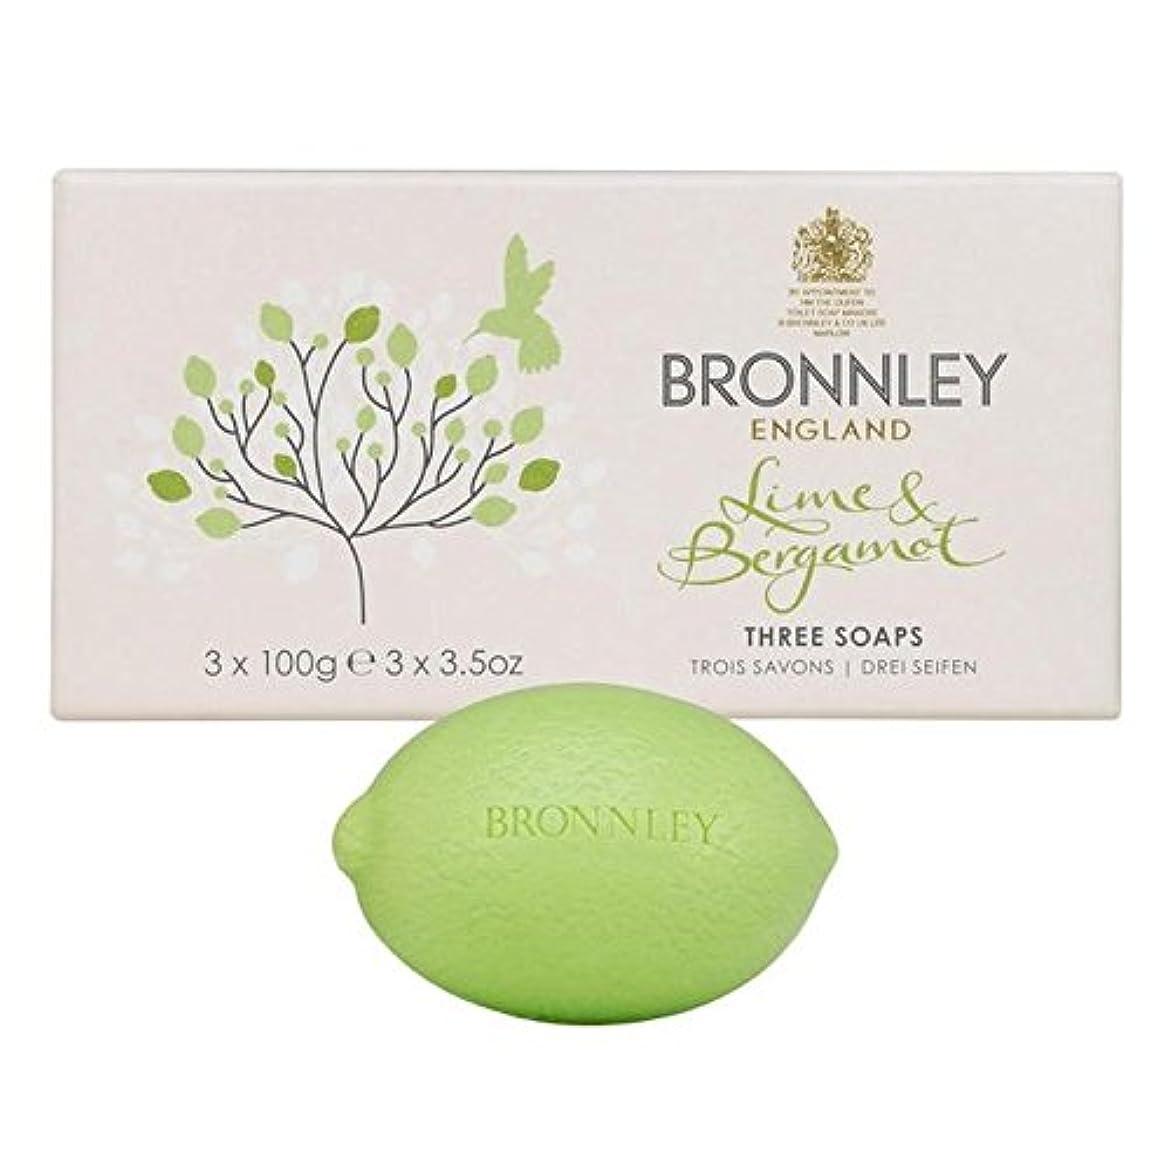 損失受け継ぐ操るBronnley Lime & Bergamot Soap 3 x 100g - ライム&ベルガモット石鹸3×100グラム [並行輸入品]